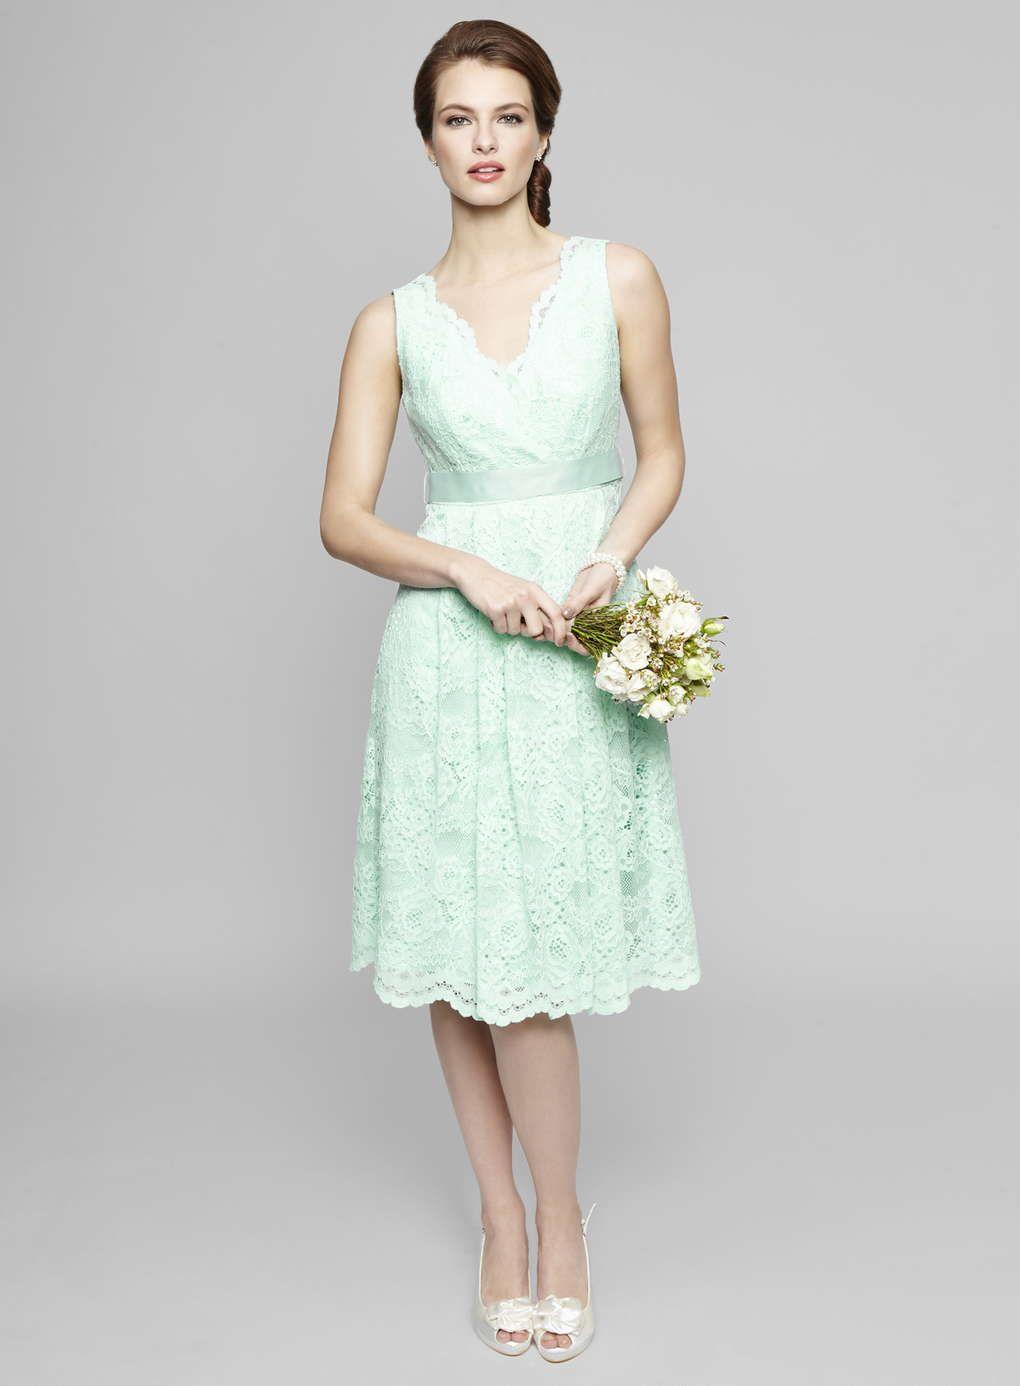 Mint Lottie Lace Bridesmaid Dress Bhs